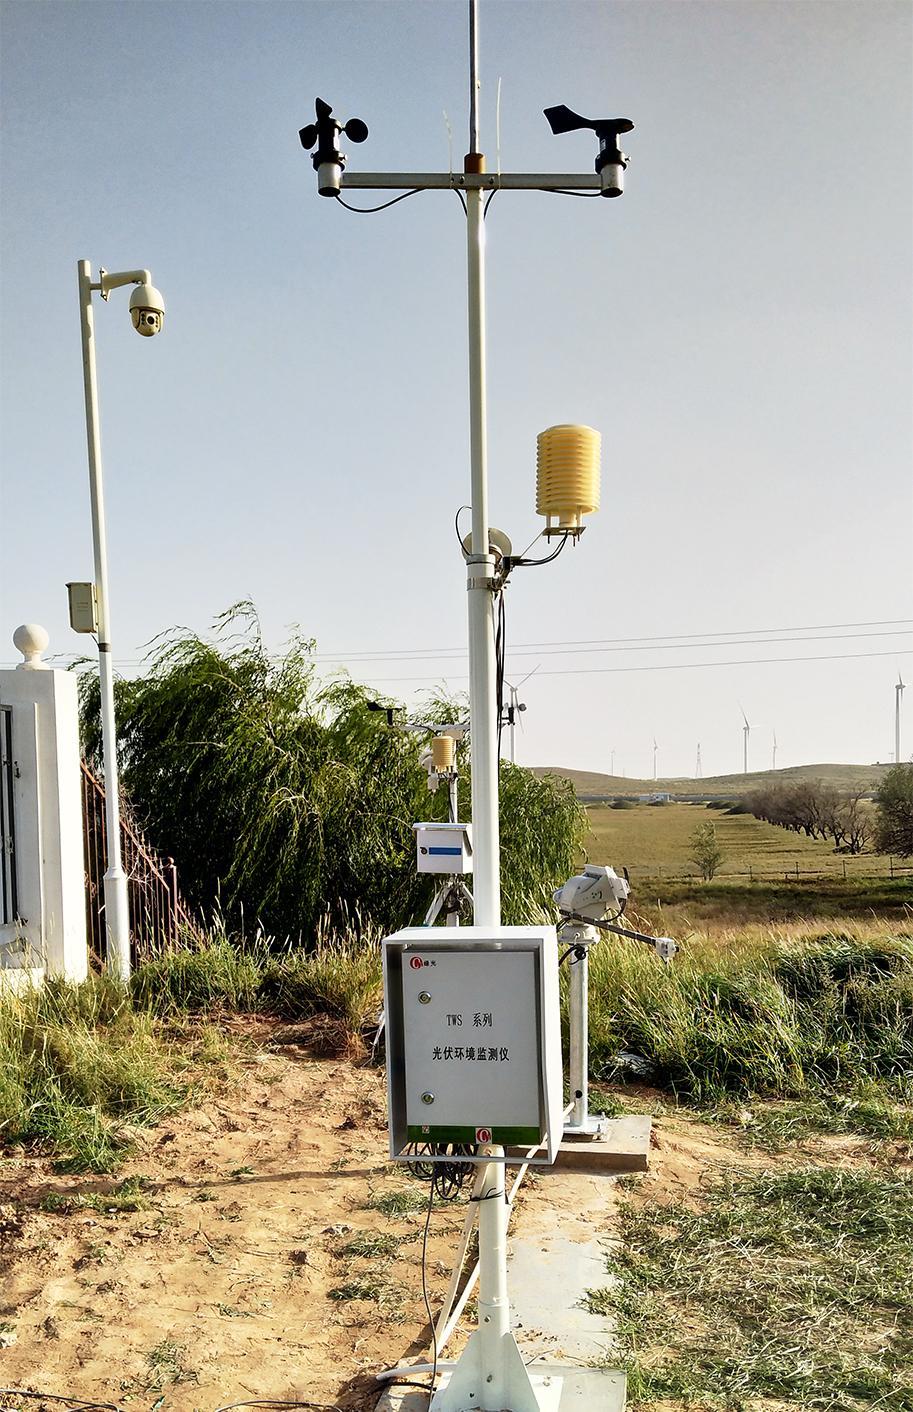 光伏环境监测仪--宁夏电投图1.jpg